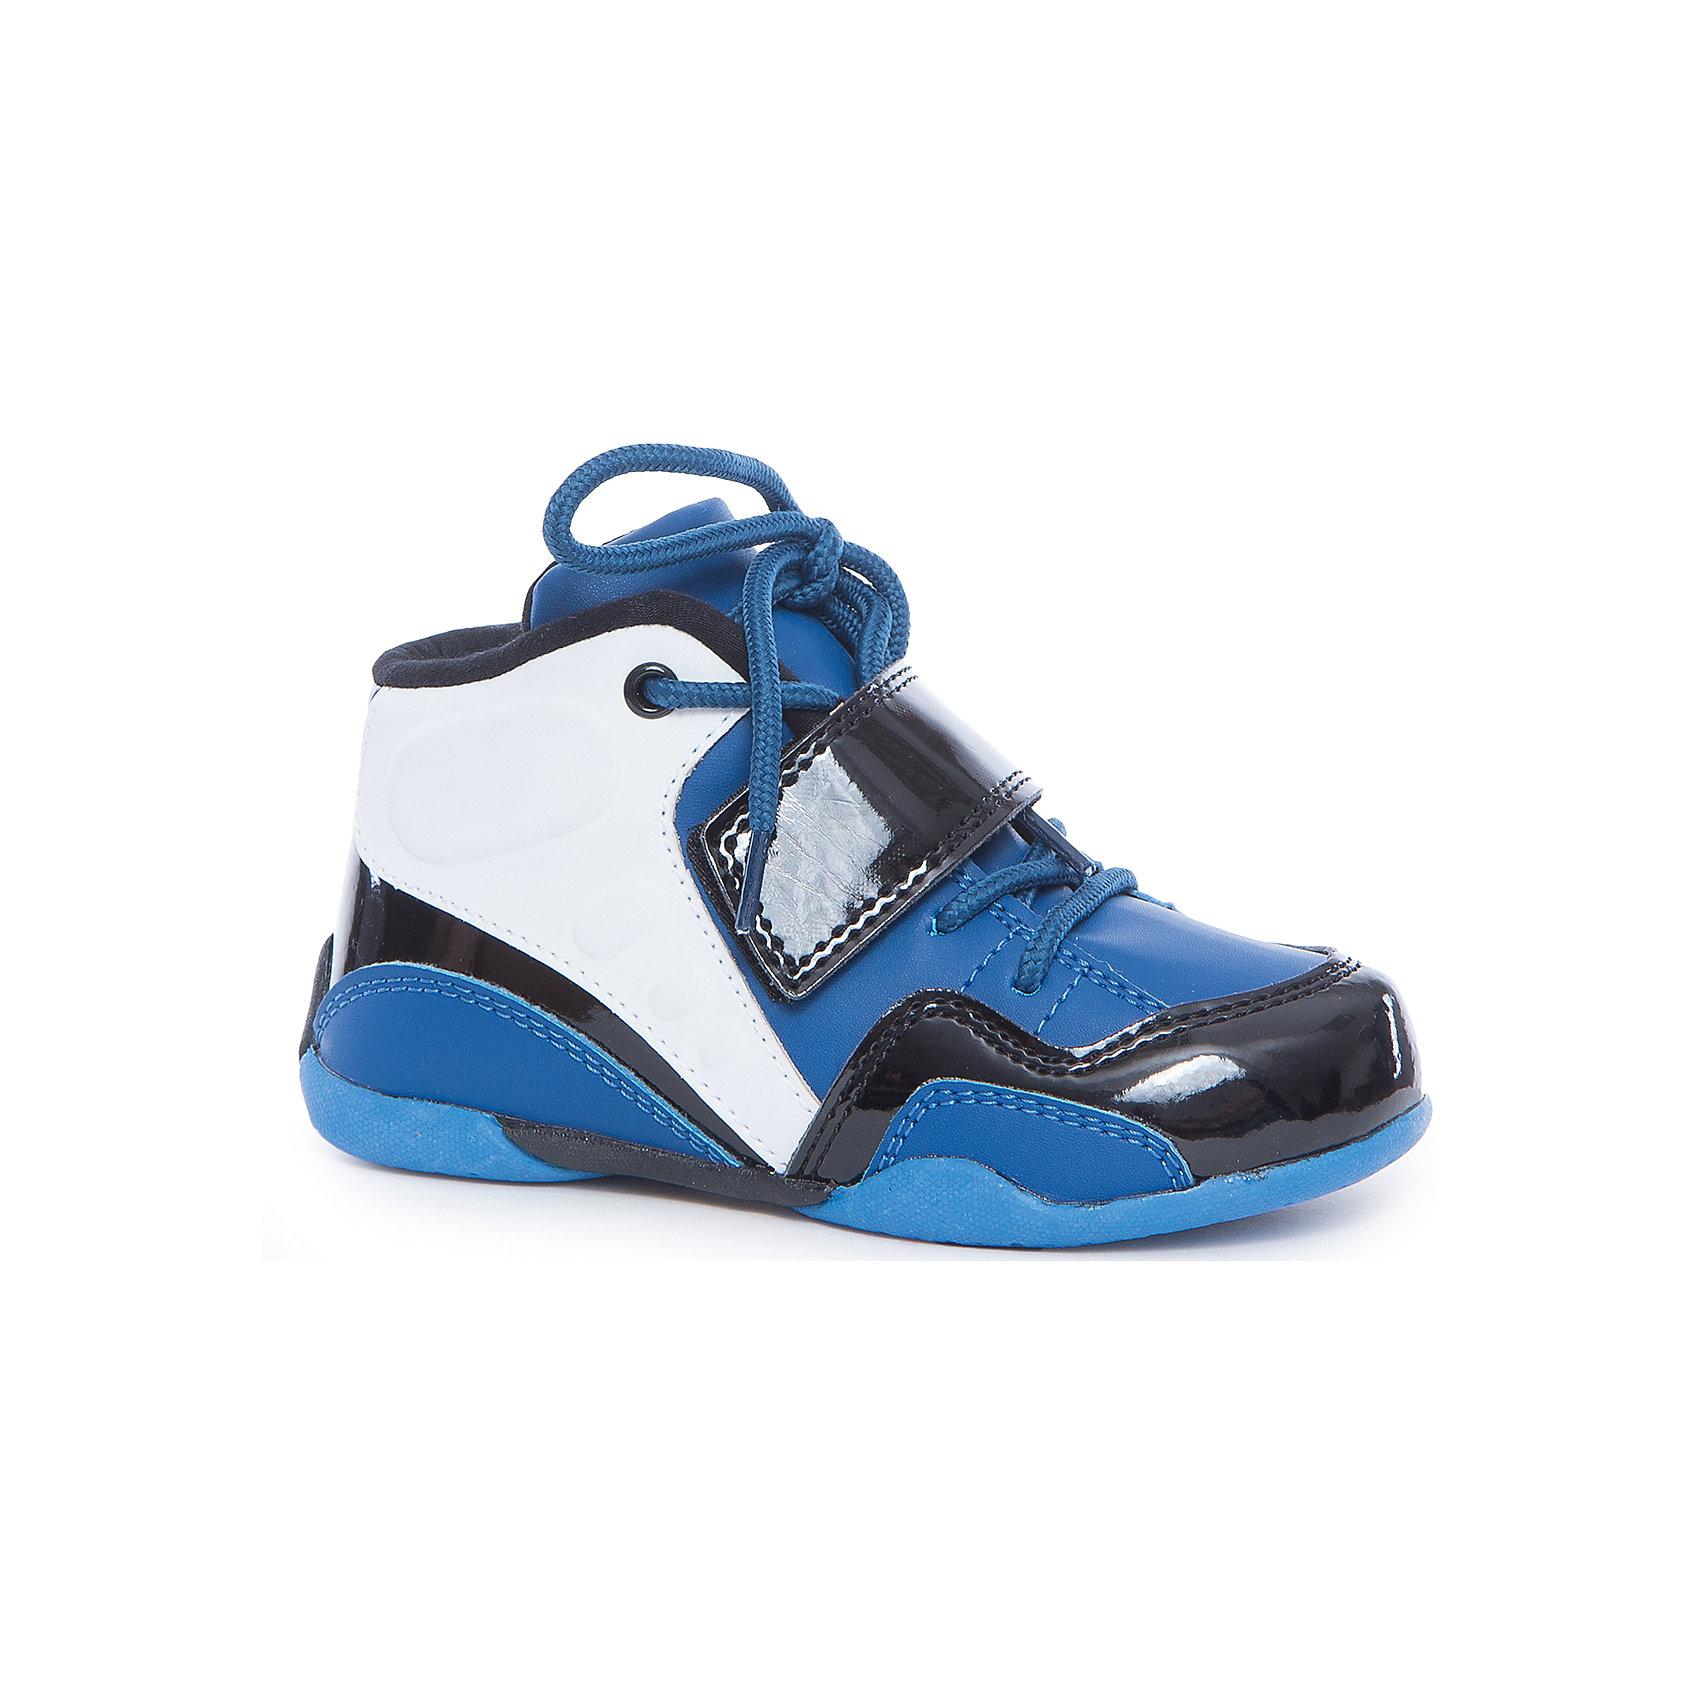 Ботинки для мальчика PlayTodayБотинки<br>Ботинки для мальчика PlayToday<br>Стильные ботинки с липучкой и на шнуровке прекрасно подойдут для ежедневных прогулок. Подошва из гибкого, не скользящего материала. Рифление обеспечивает хорошее сцепление с поверхностью. Удобная пятка укреплена жестким задником. Модель плотно садится на ноге ребенка, что обеспечивает комфорт при носке.  <br><br>Преимущества: <br><br>Подошва из гибкого, нескользящего материала<br>Рифление подошвы обеспечивает хорошее сцепление с поверхностью<br>Удобная пятка укреплена жестким задником<br><br>Состав:<br>100% полиуретан<br><br>Ширина мм: 262<br>Глубина мм: 176<br>Высота мм: 97<br>Вес г: 427<br>Цвет: разноцветный<br>Возраст от месяцев: 48<br>Возраст до месяцев: 60<br>Пол: Мужской<br>Возраст: Детский<br>Размер: 29,30,31,28,32,27<br>SKU: 5403484